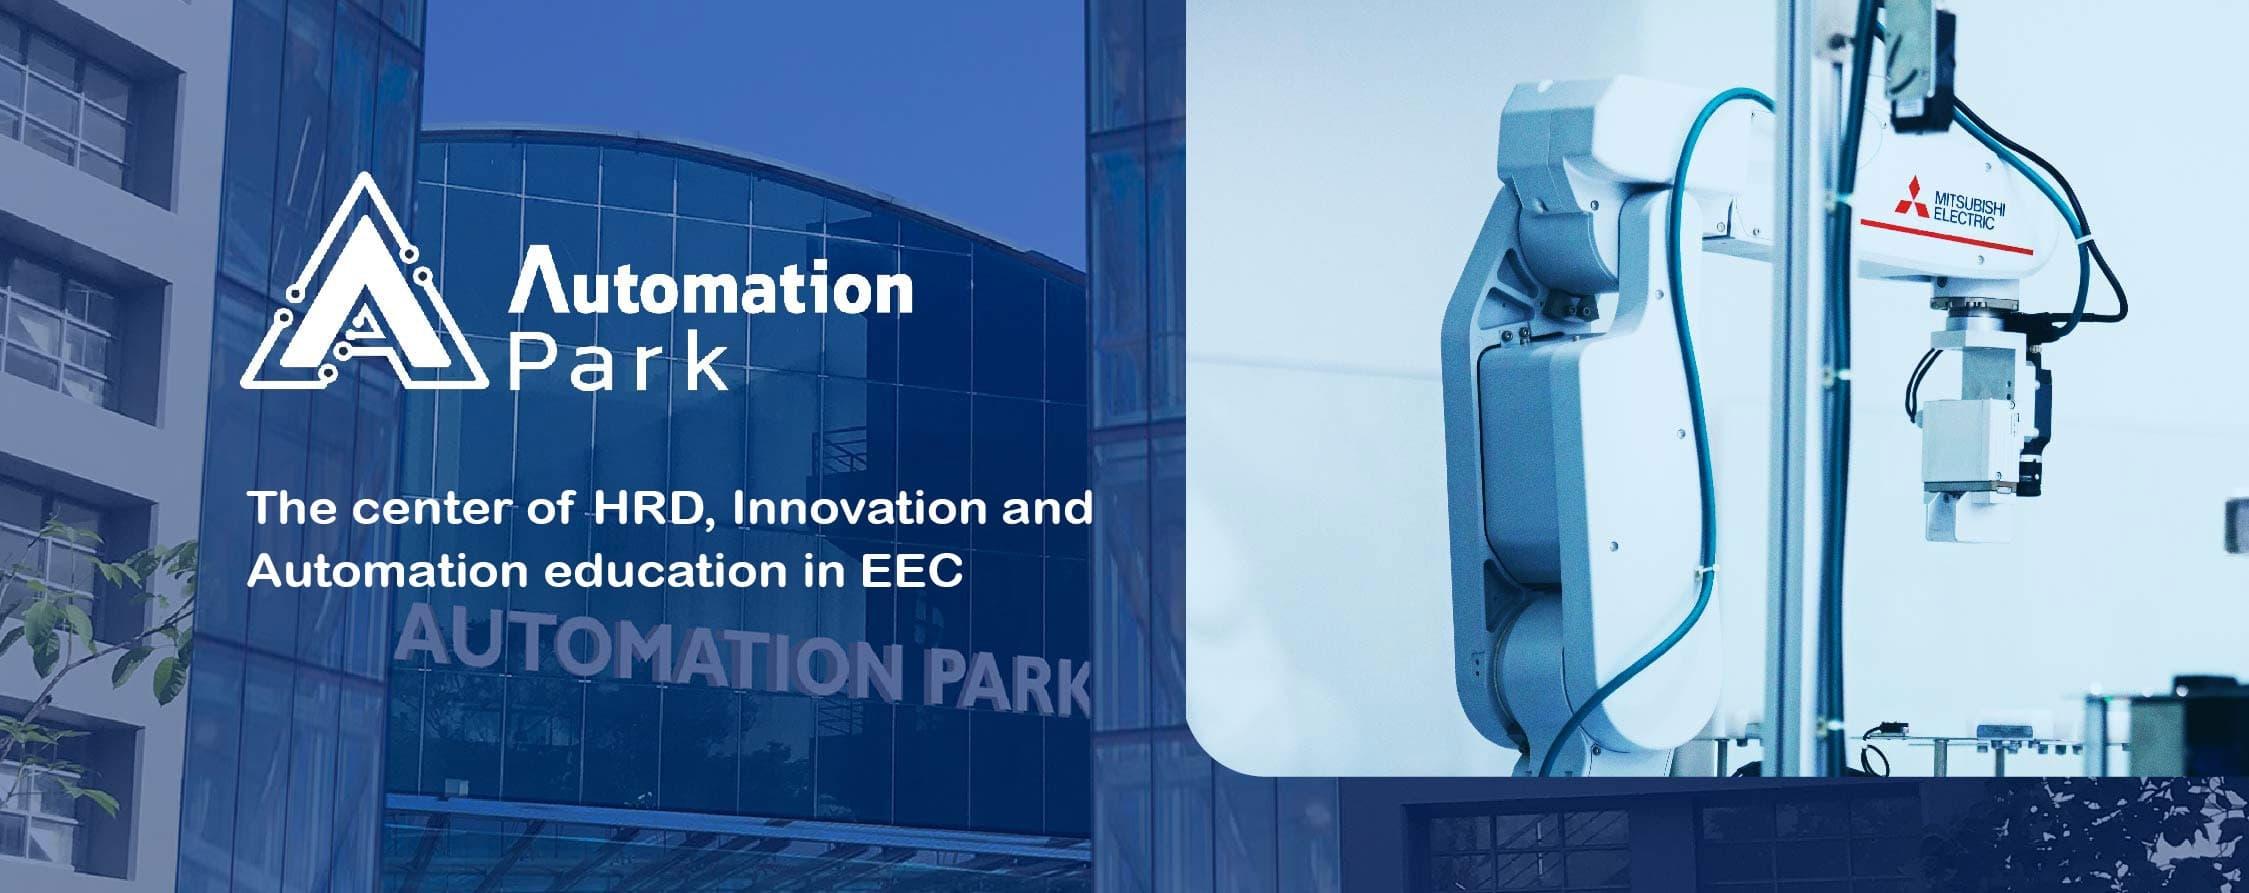 Automation Park 2020